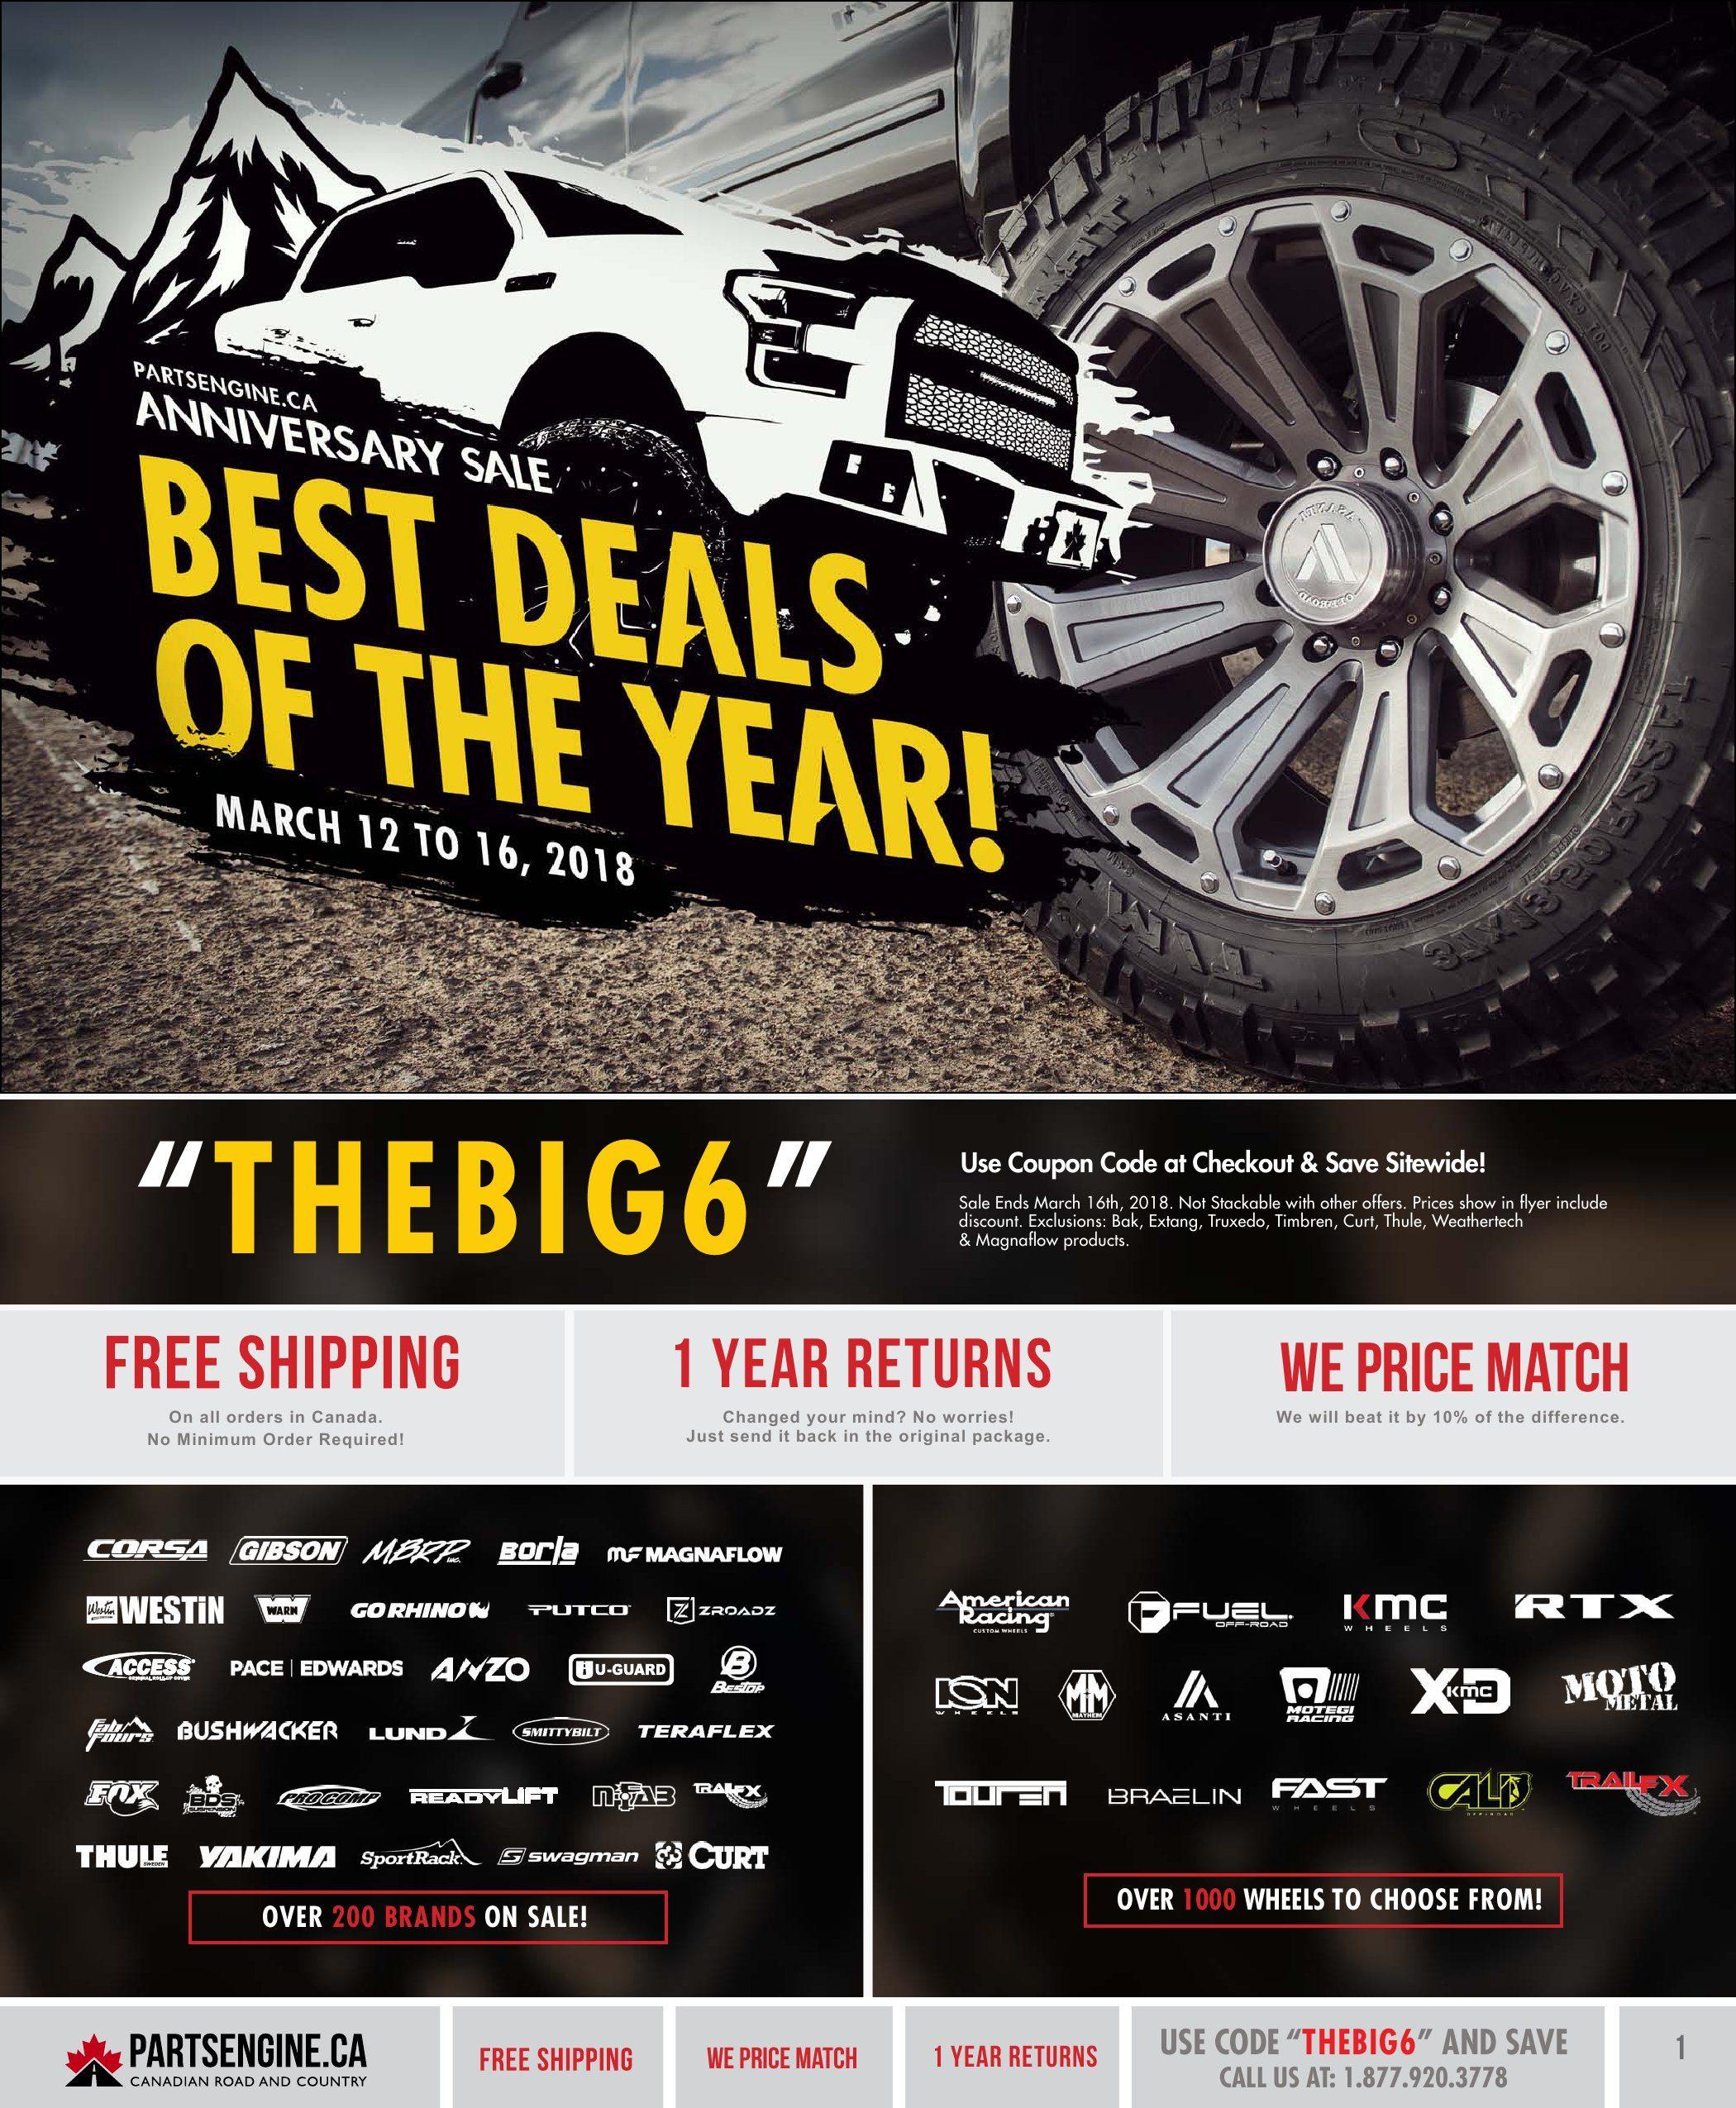 PartsEngine ca Weekly Flyer - Anniversary Sale - Best Deals